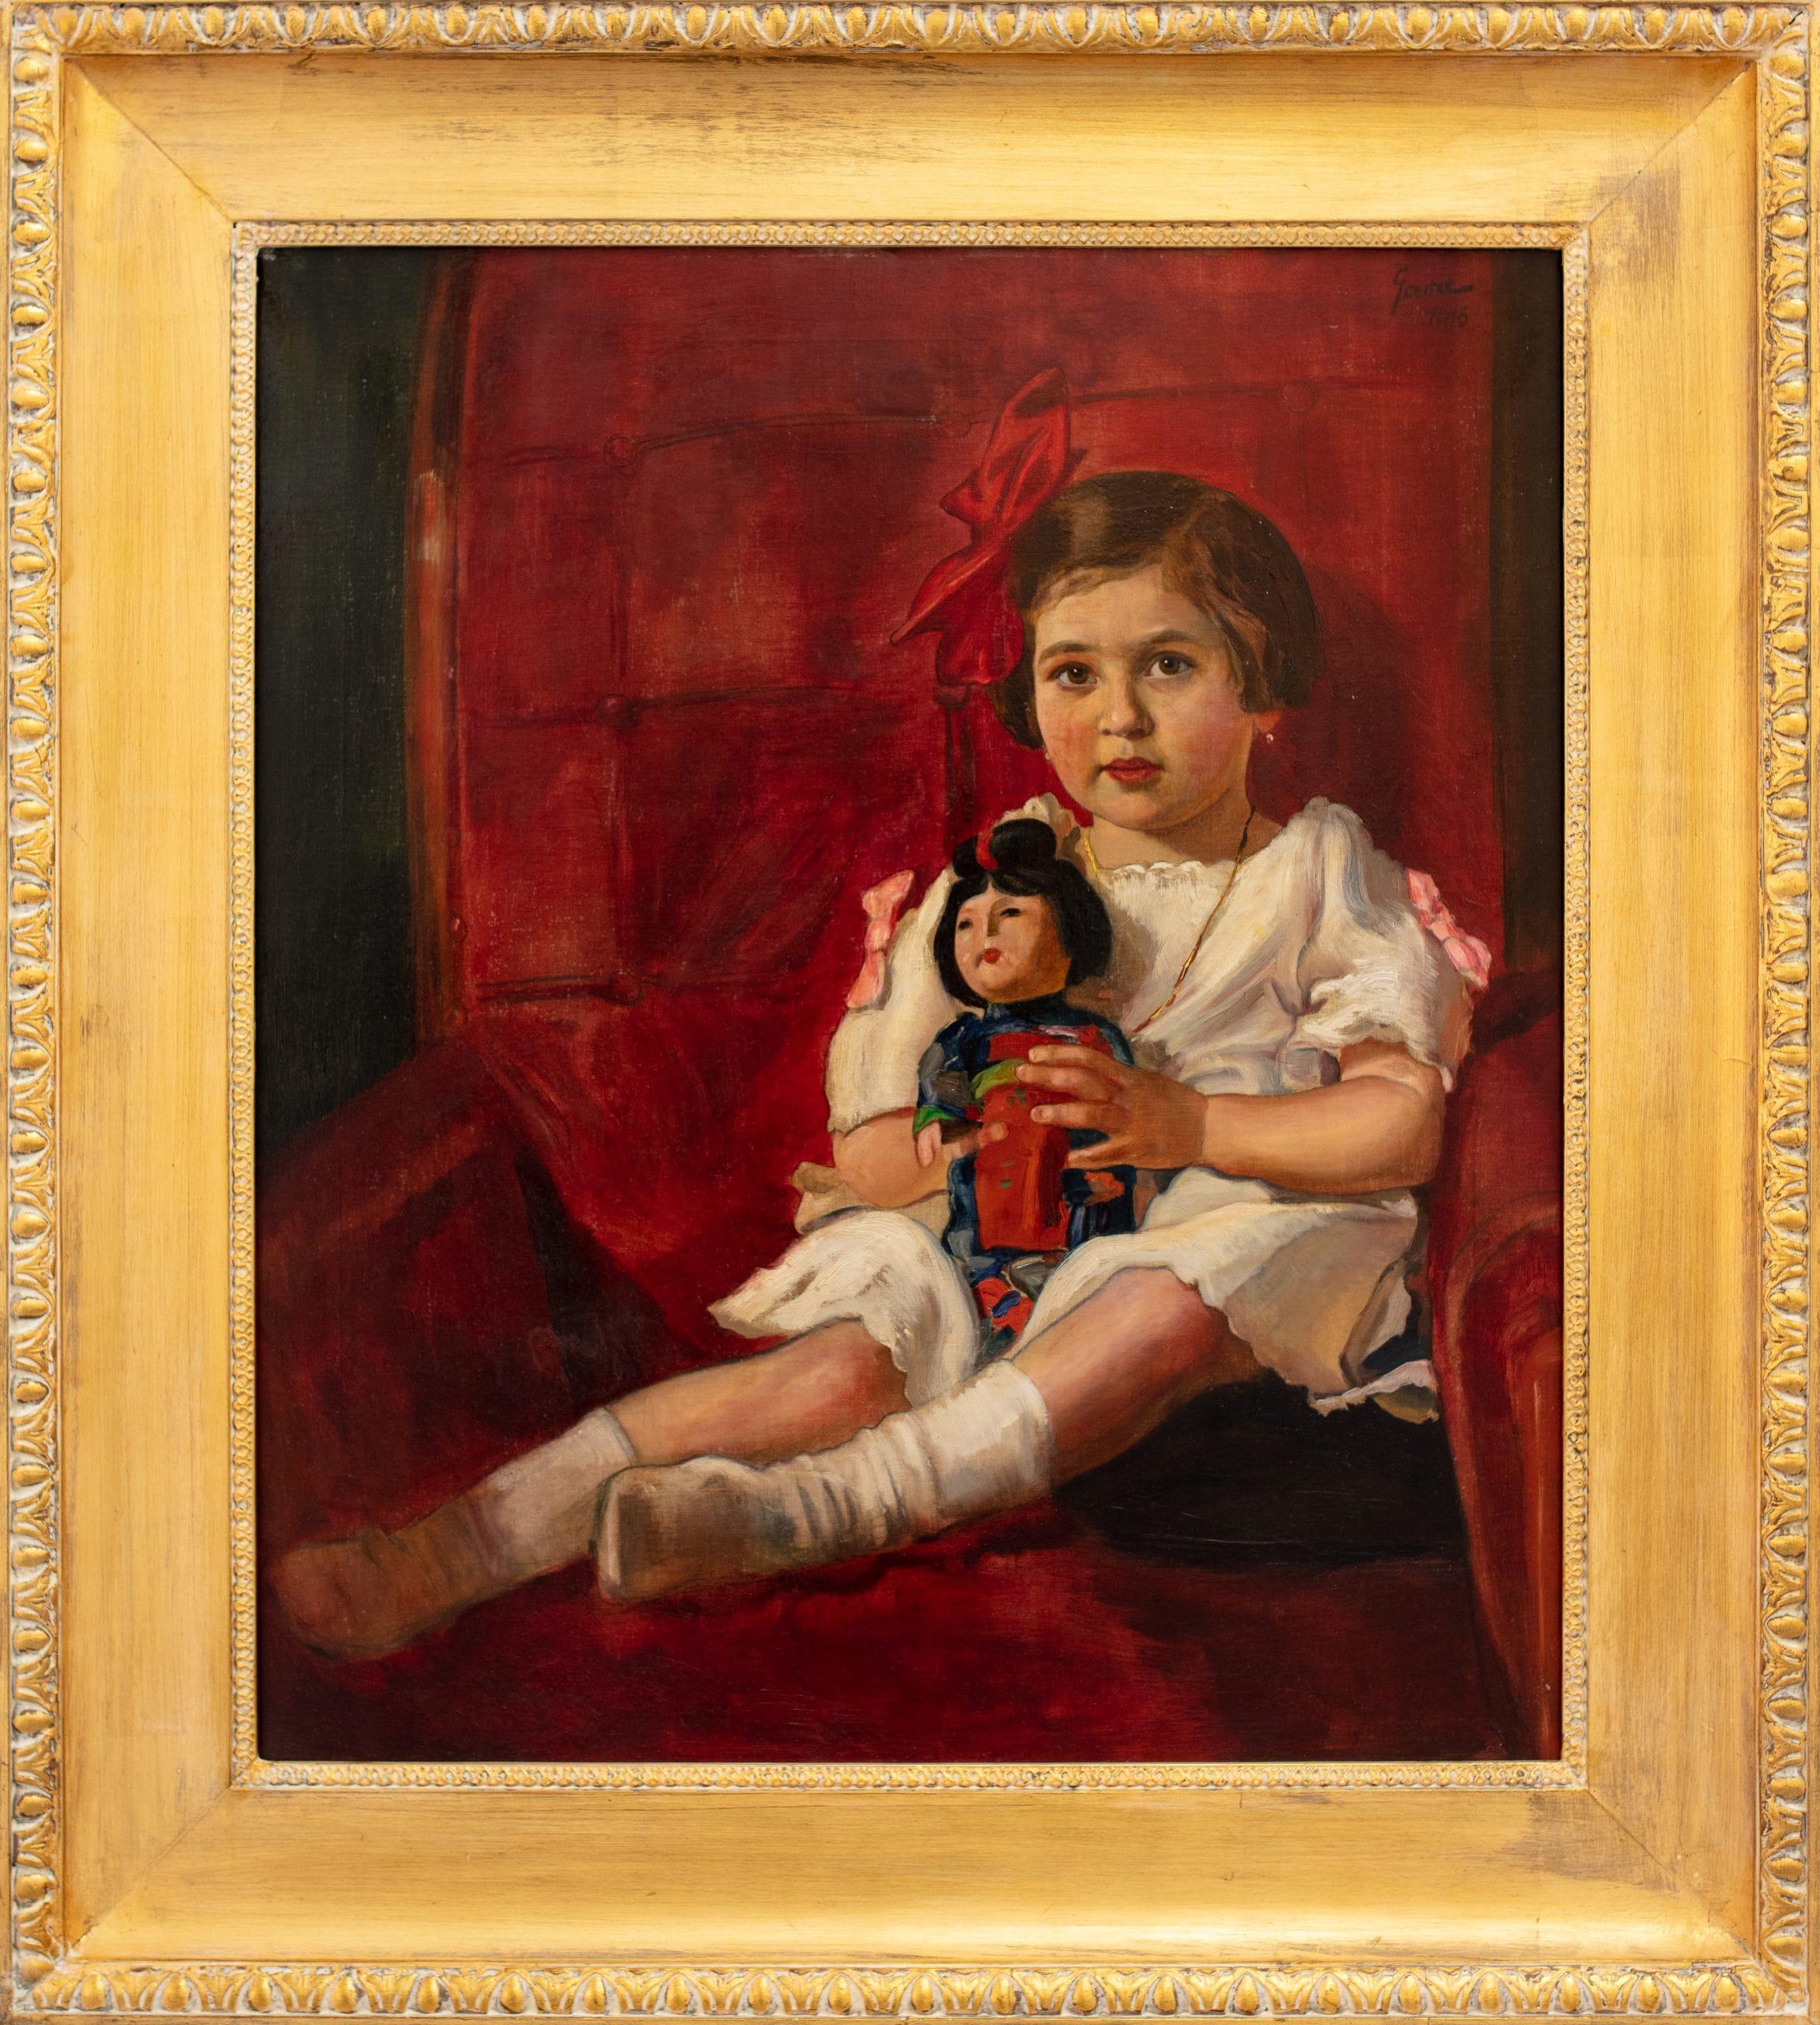 Gara Arnold: Kislány kínai babával, 1916